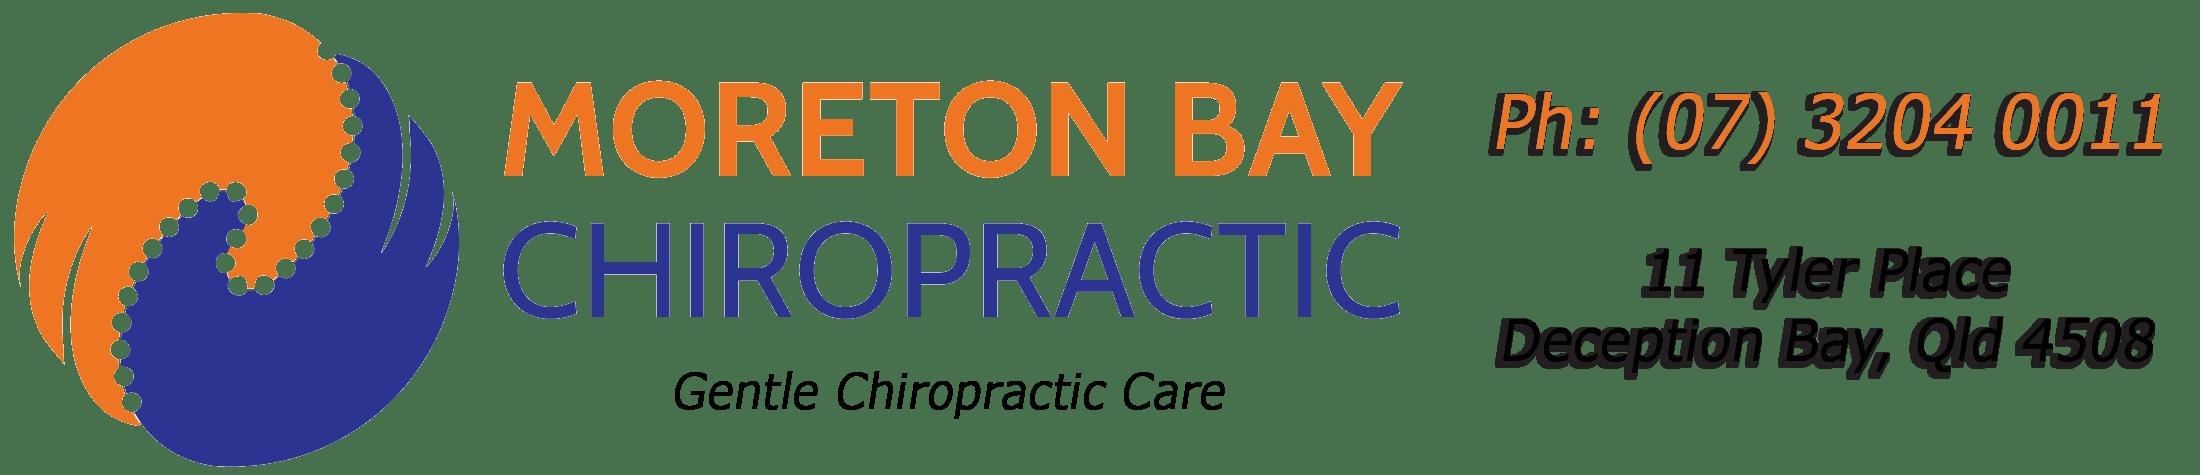 Moreton Bay Chiropractic